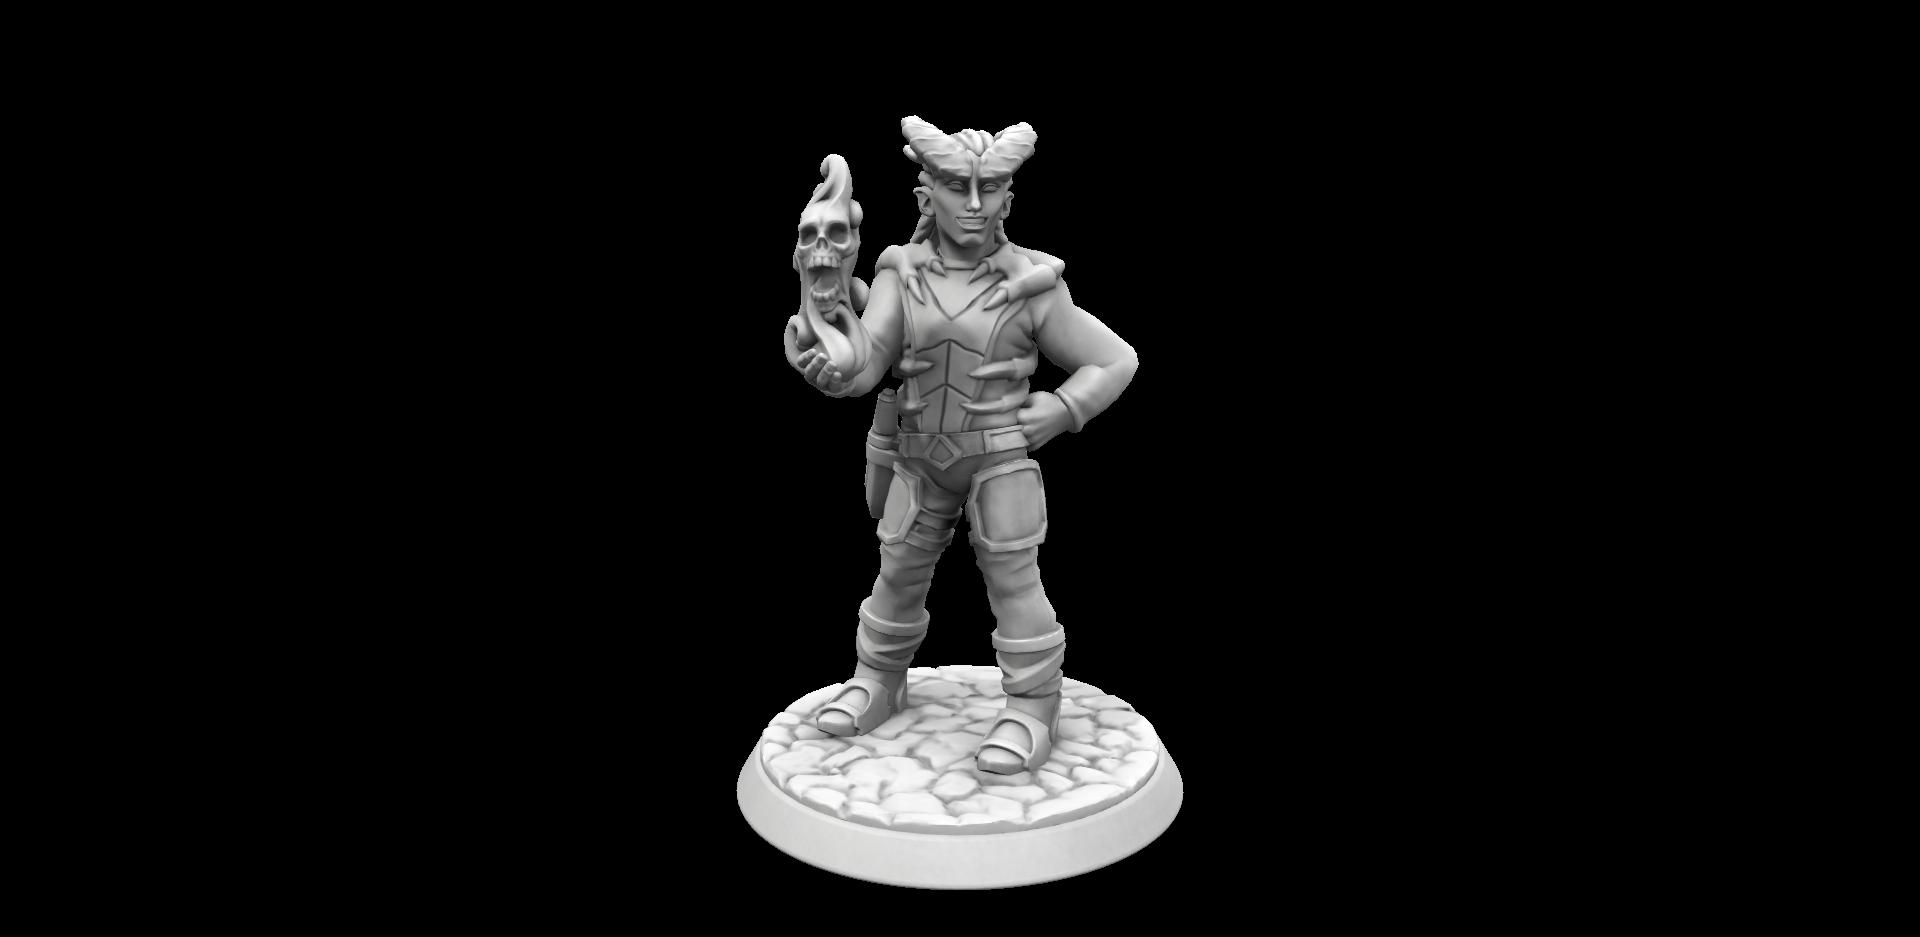 Frinn's Mini figure